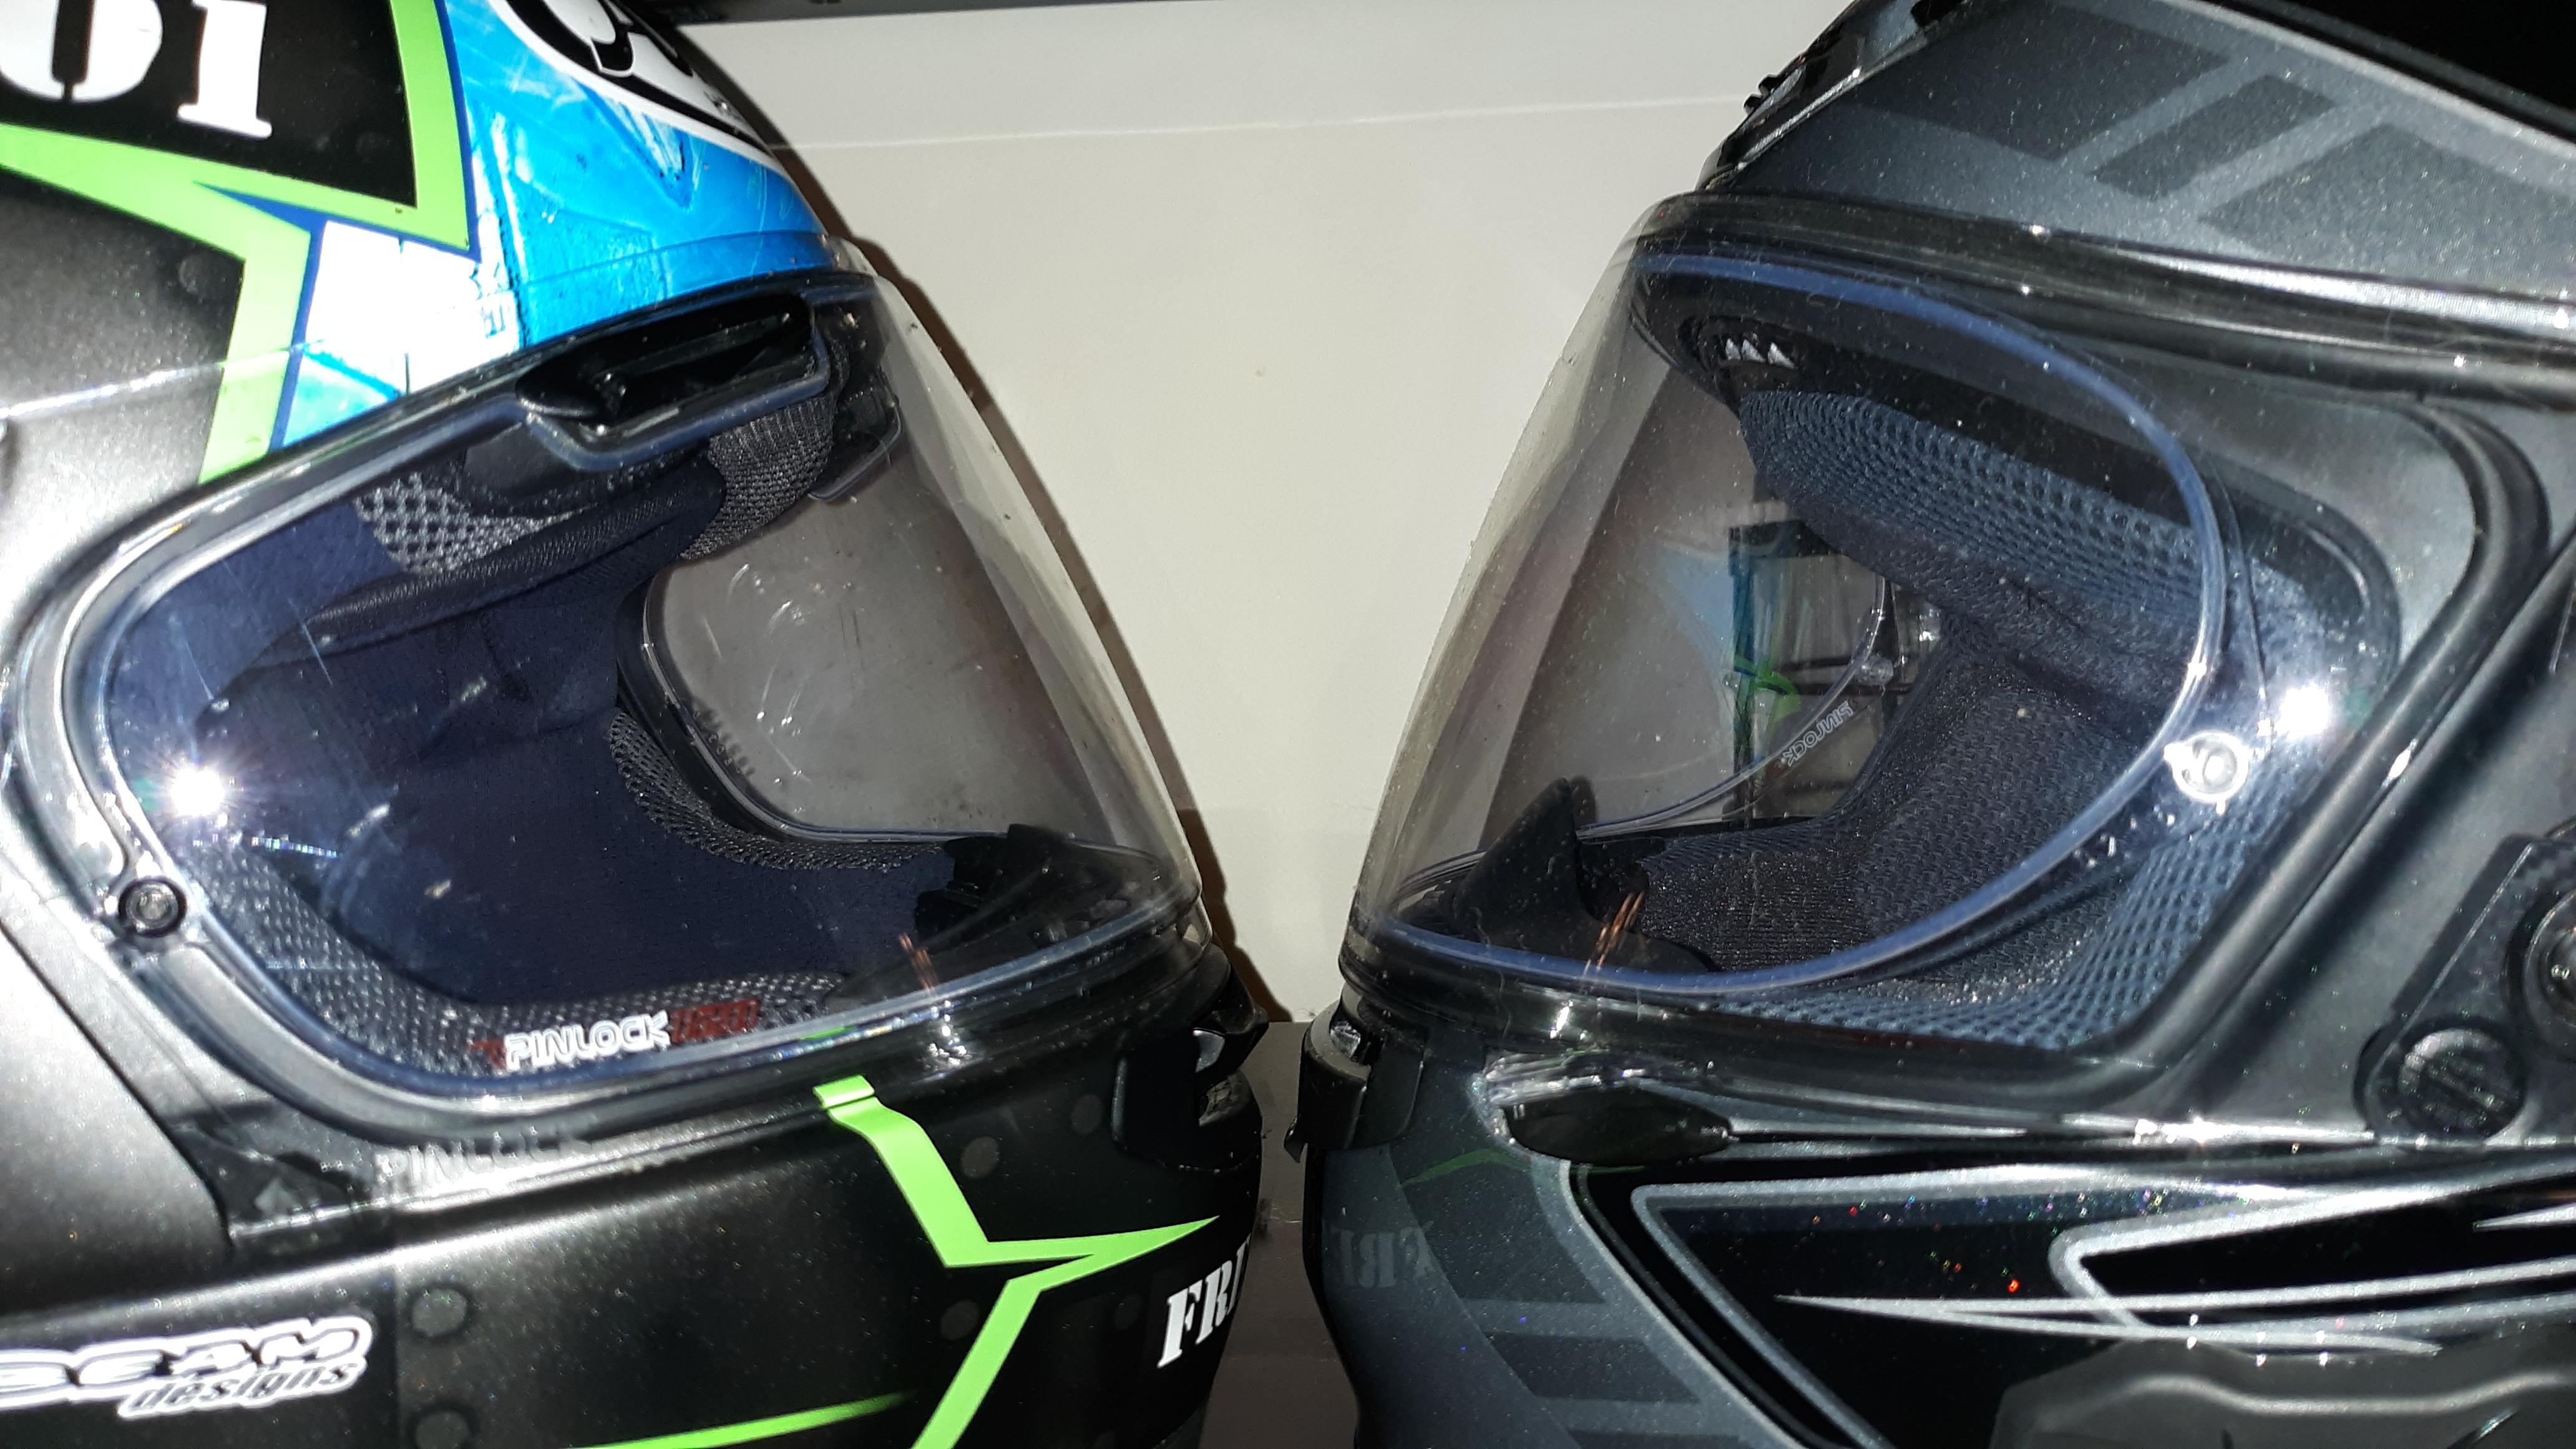 Shoei RF1200 v. Arai Corsair X: Head to head comparison-20190623_184855_1561330195114.jpg